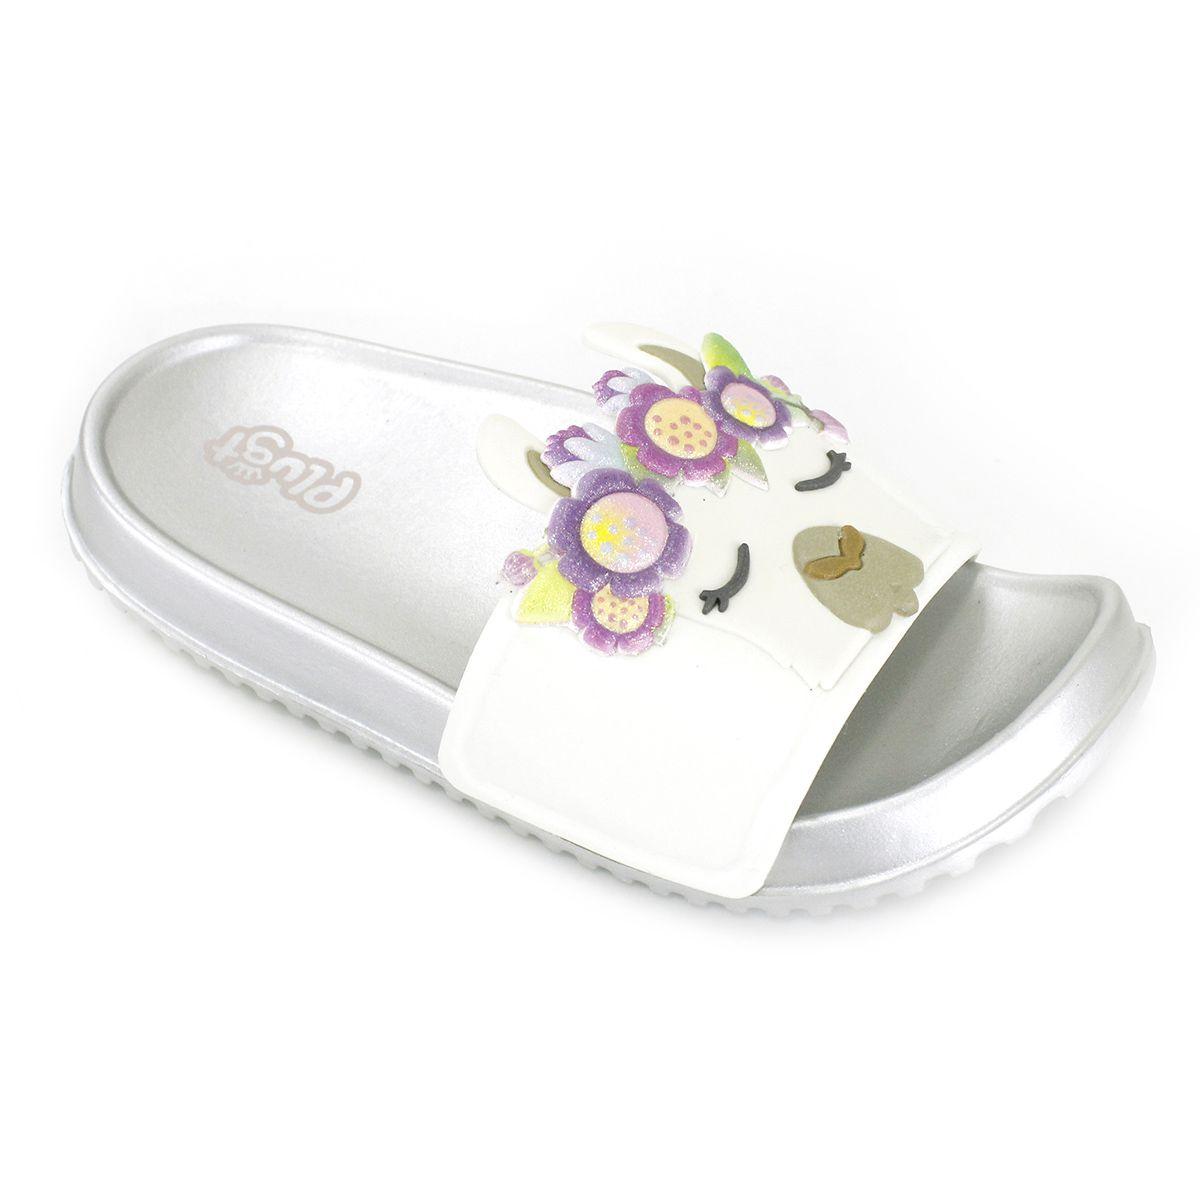 Chinelo Plugt Slide Lhama Floral Prata